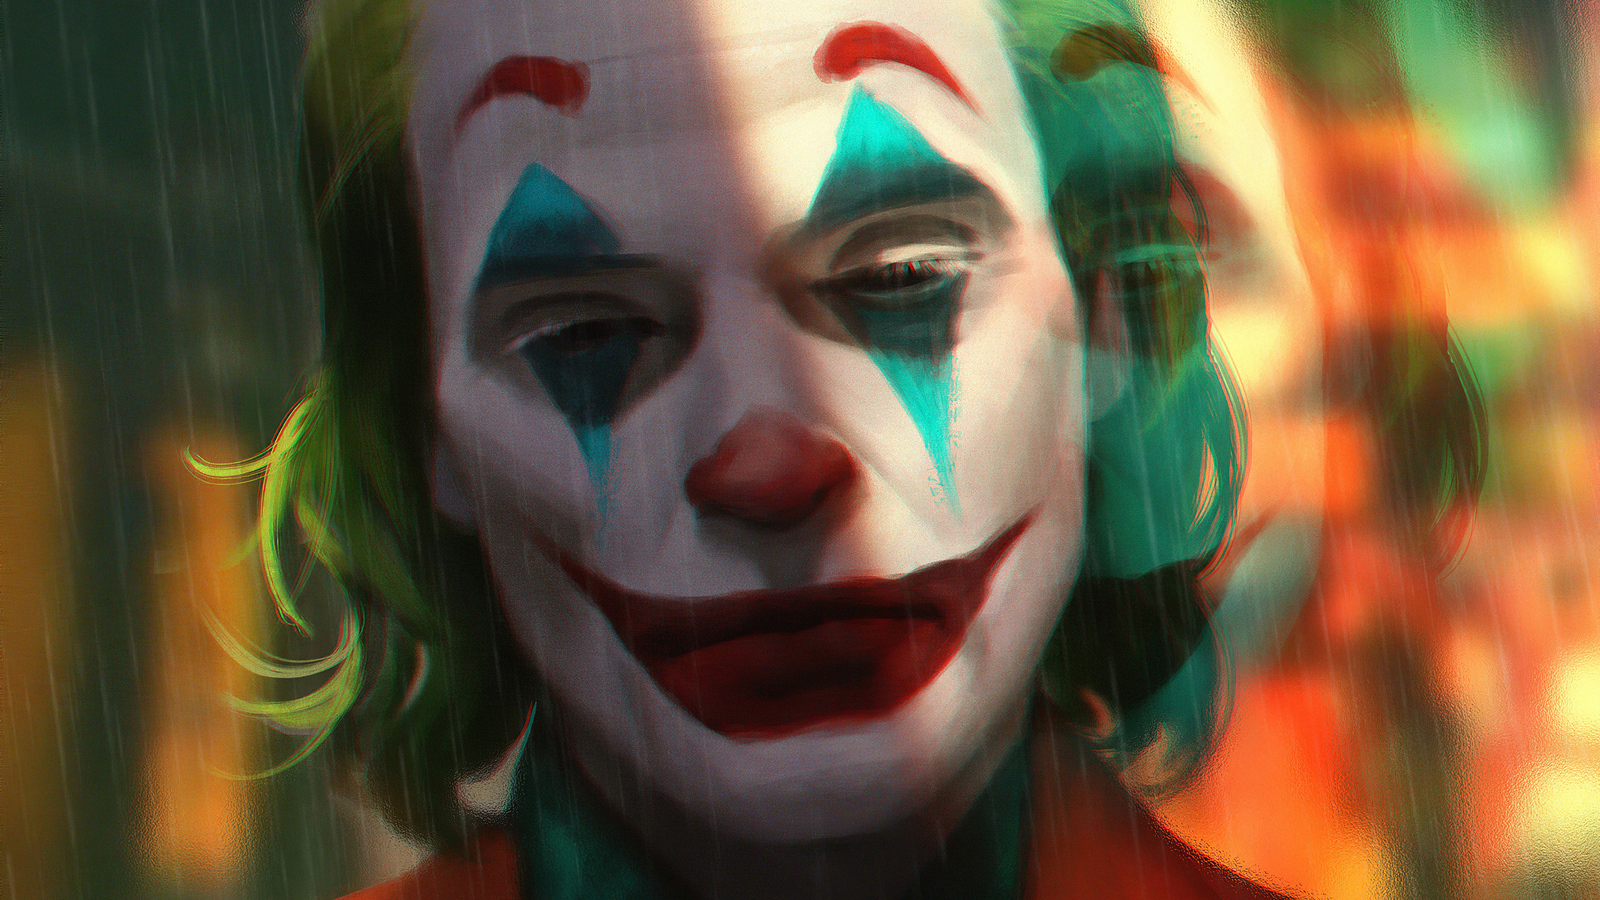 joker-the-art4k-6e.jpg